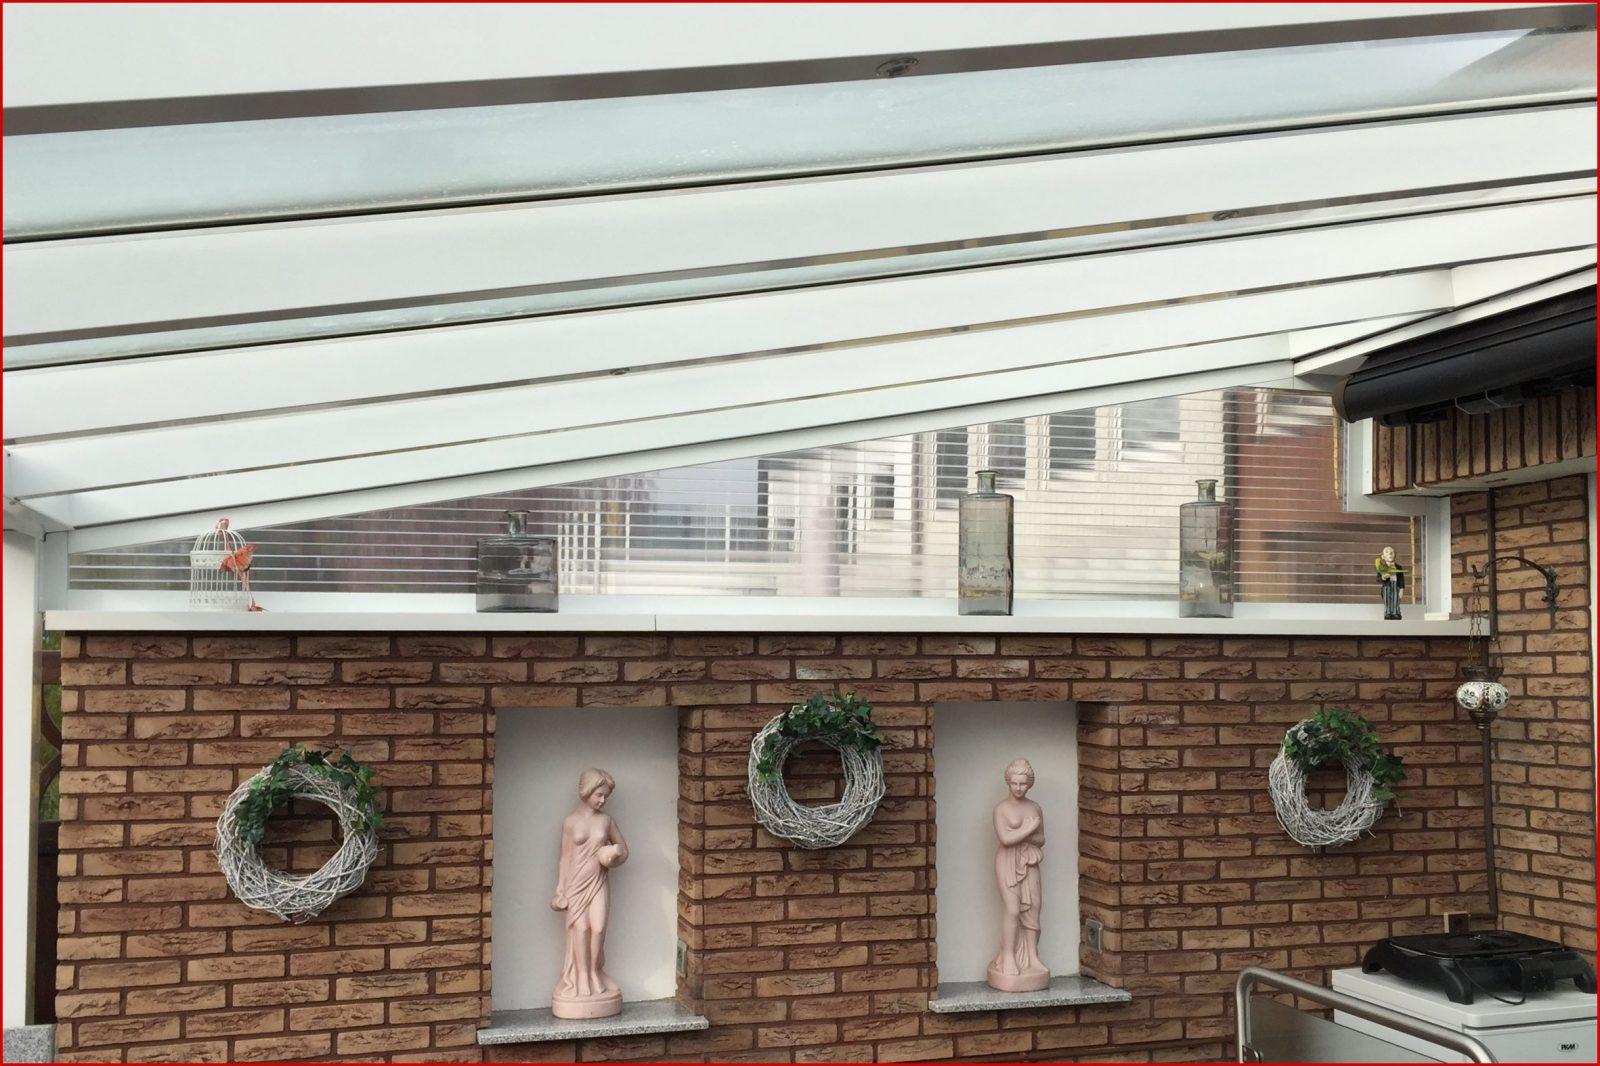 15 Verlegeprofil Vsg Glas Klemmprofil Terrassenüberdachung Ideen von Verlegeprofile Für Vsg Glas Photo